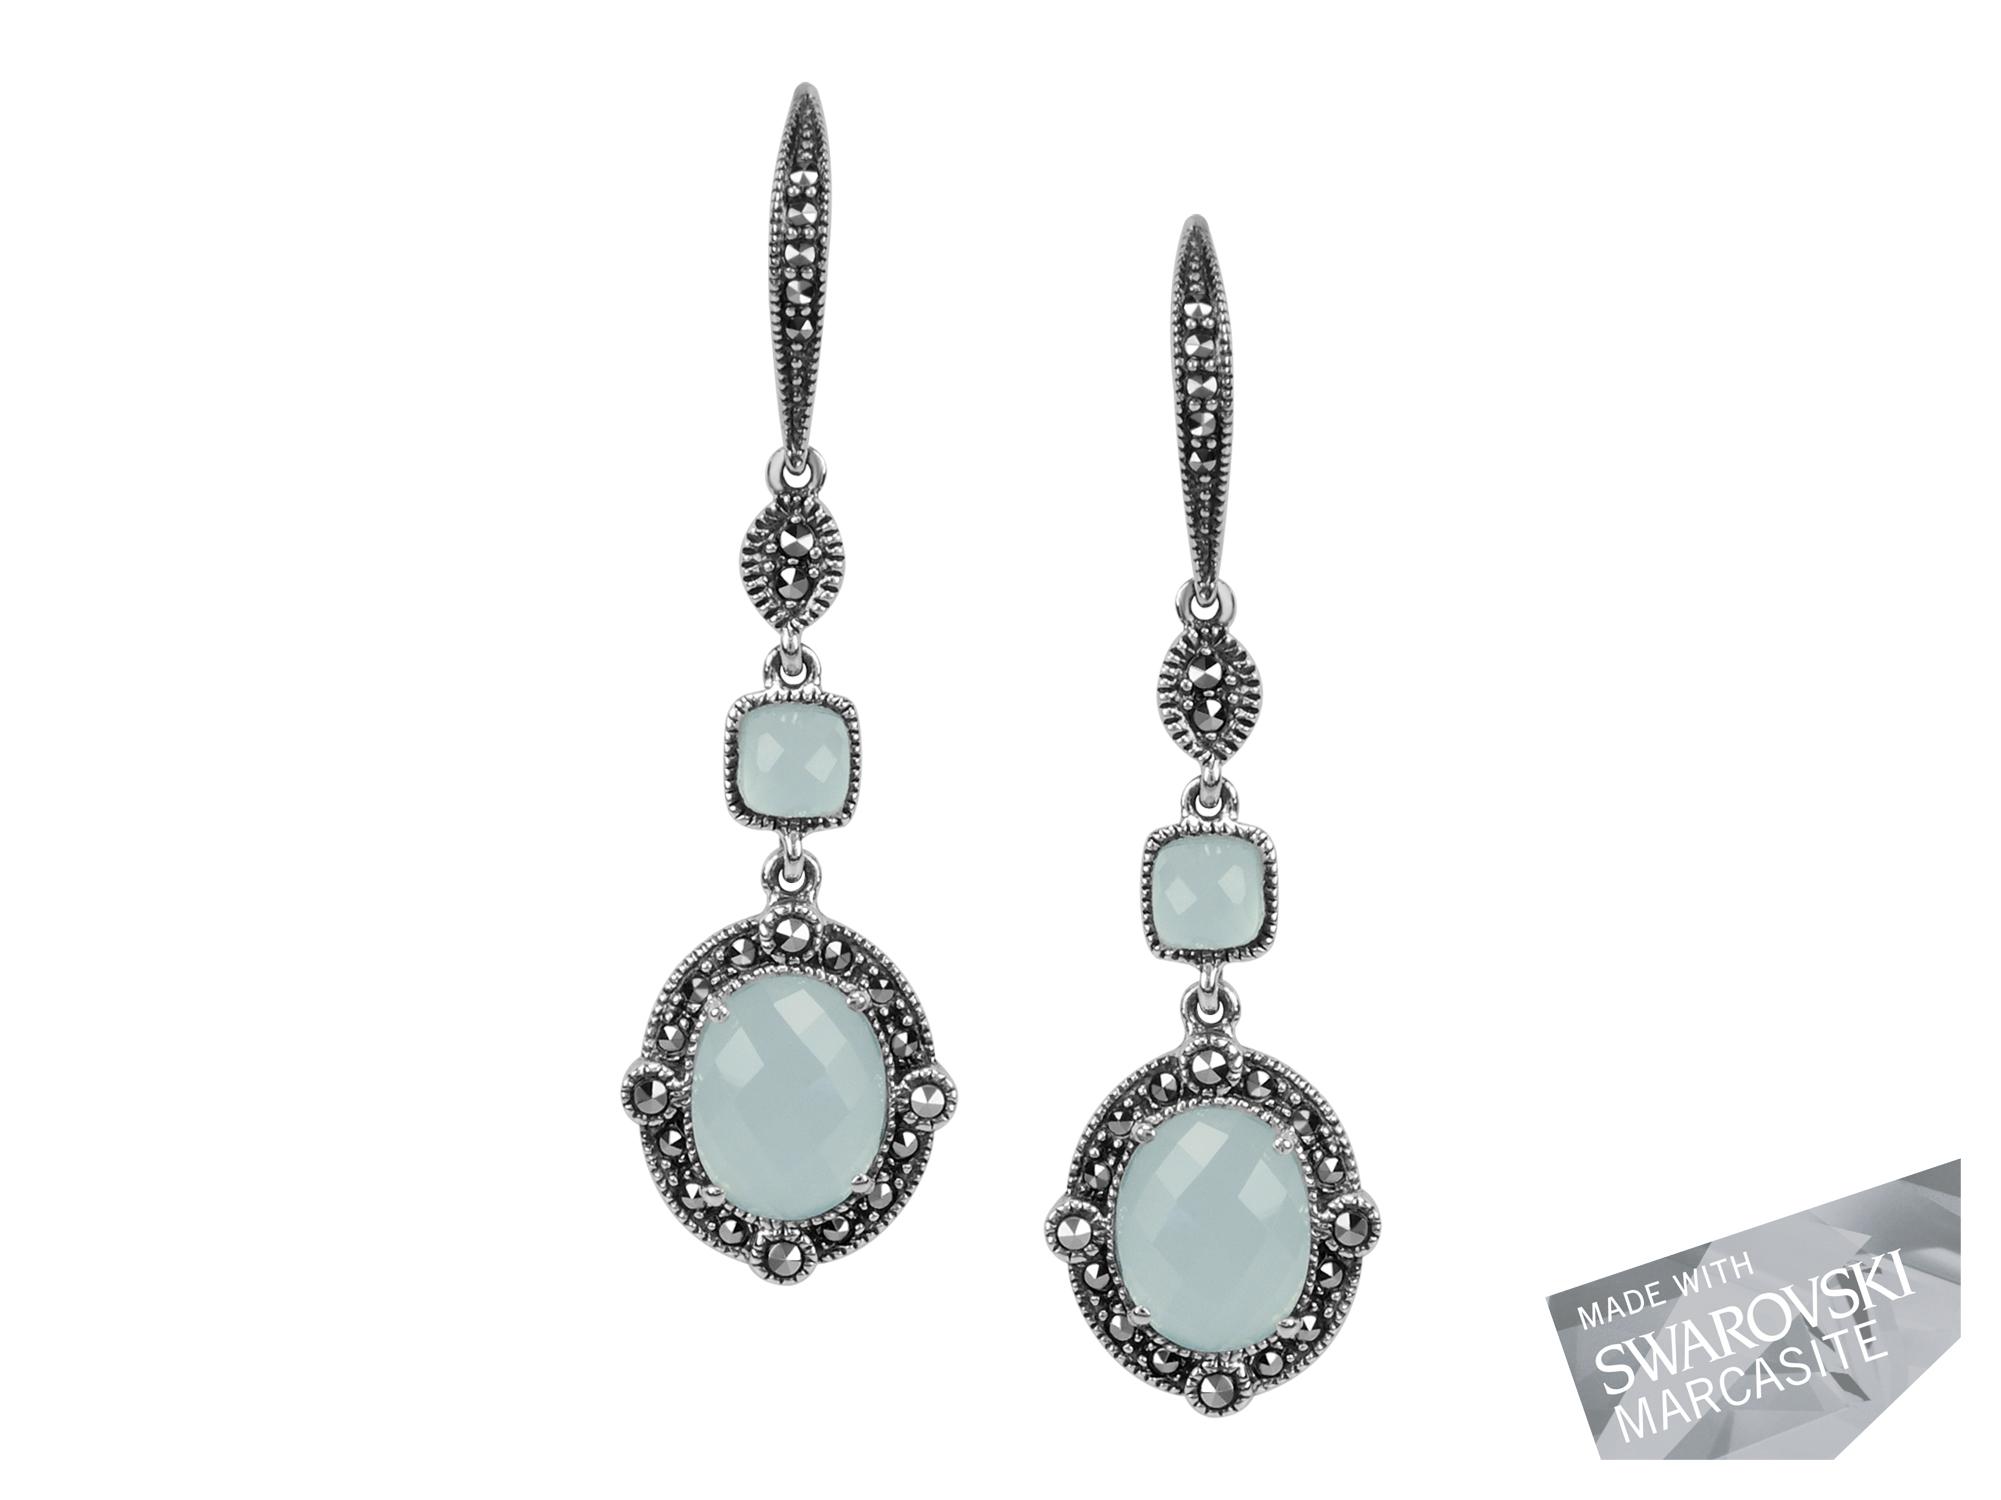 Blue Chalcedony & Rock Crystal Doublet Earrings MJ17804